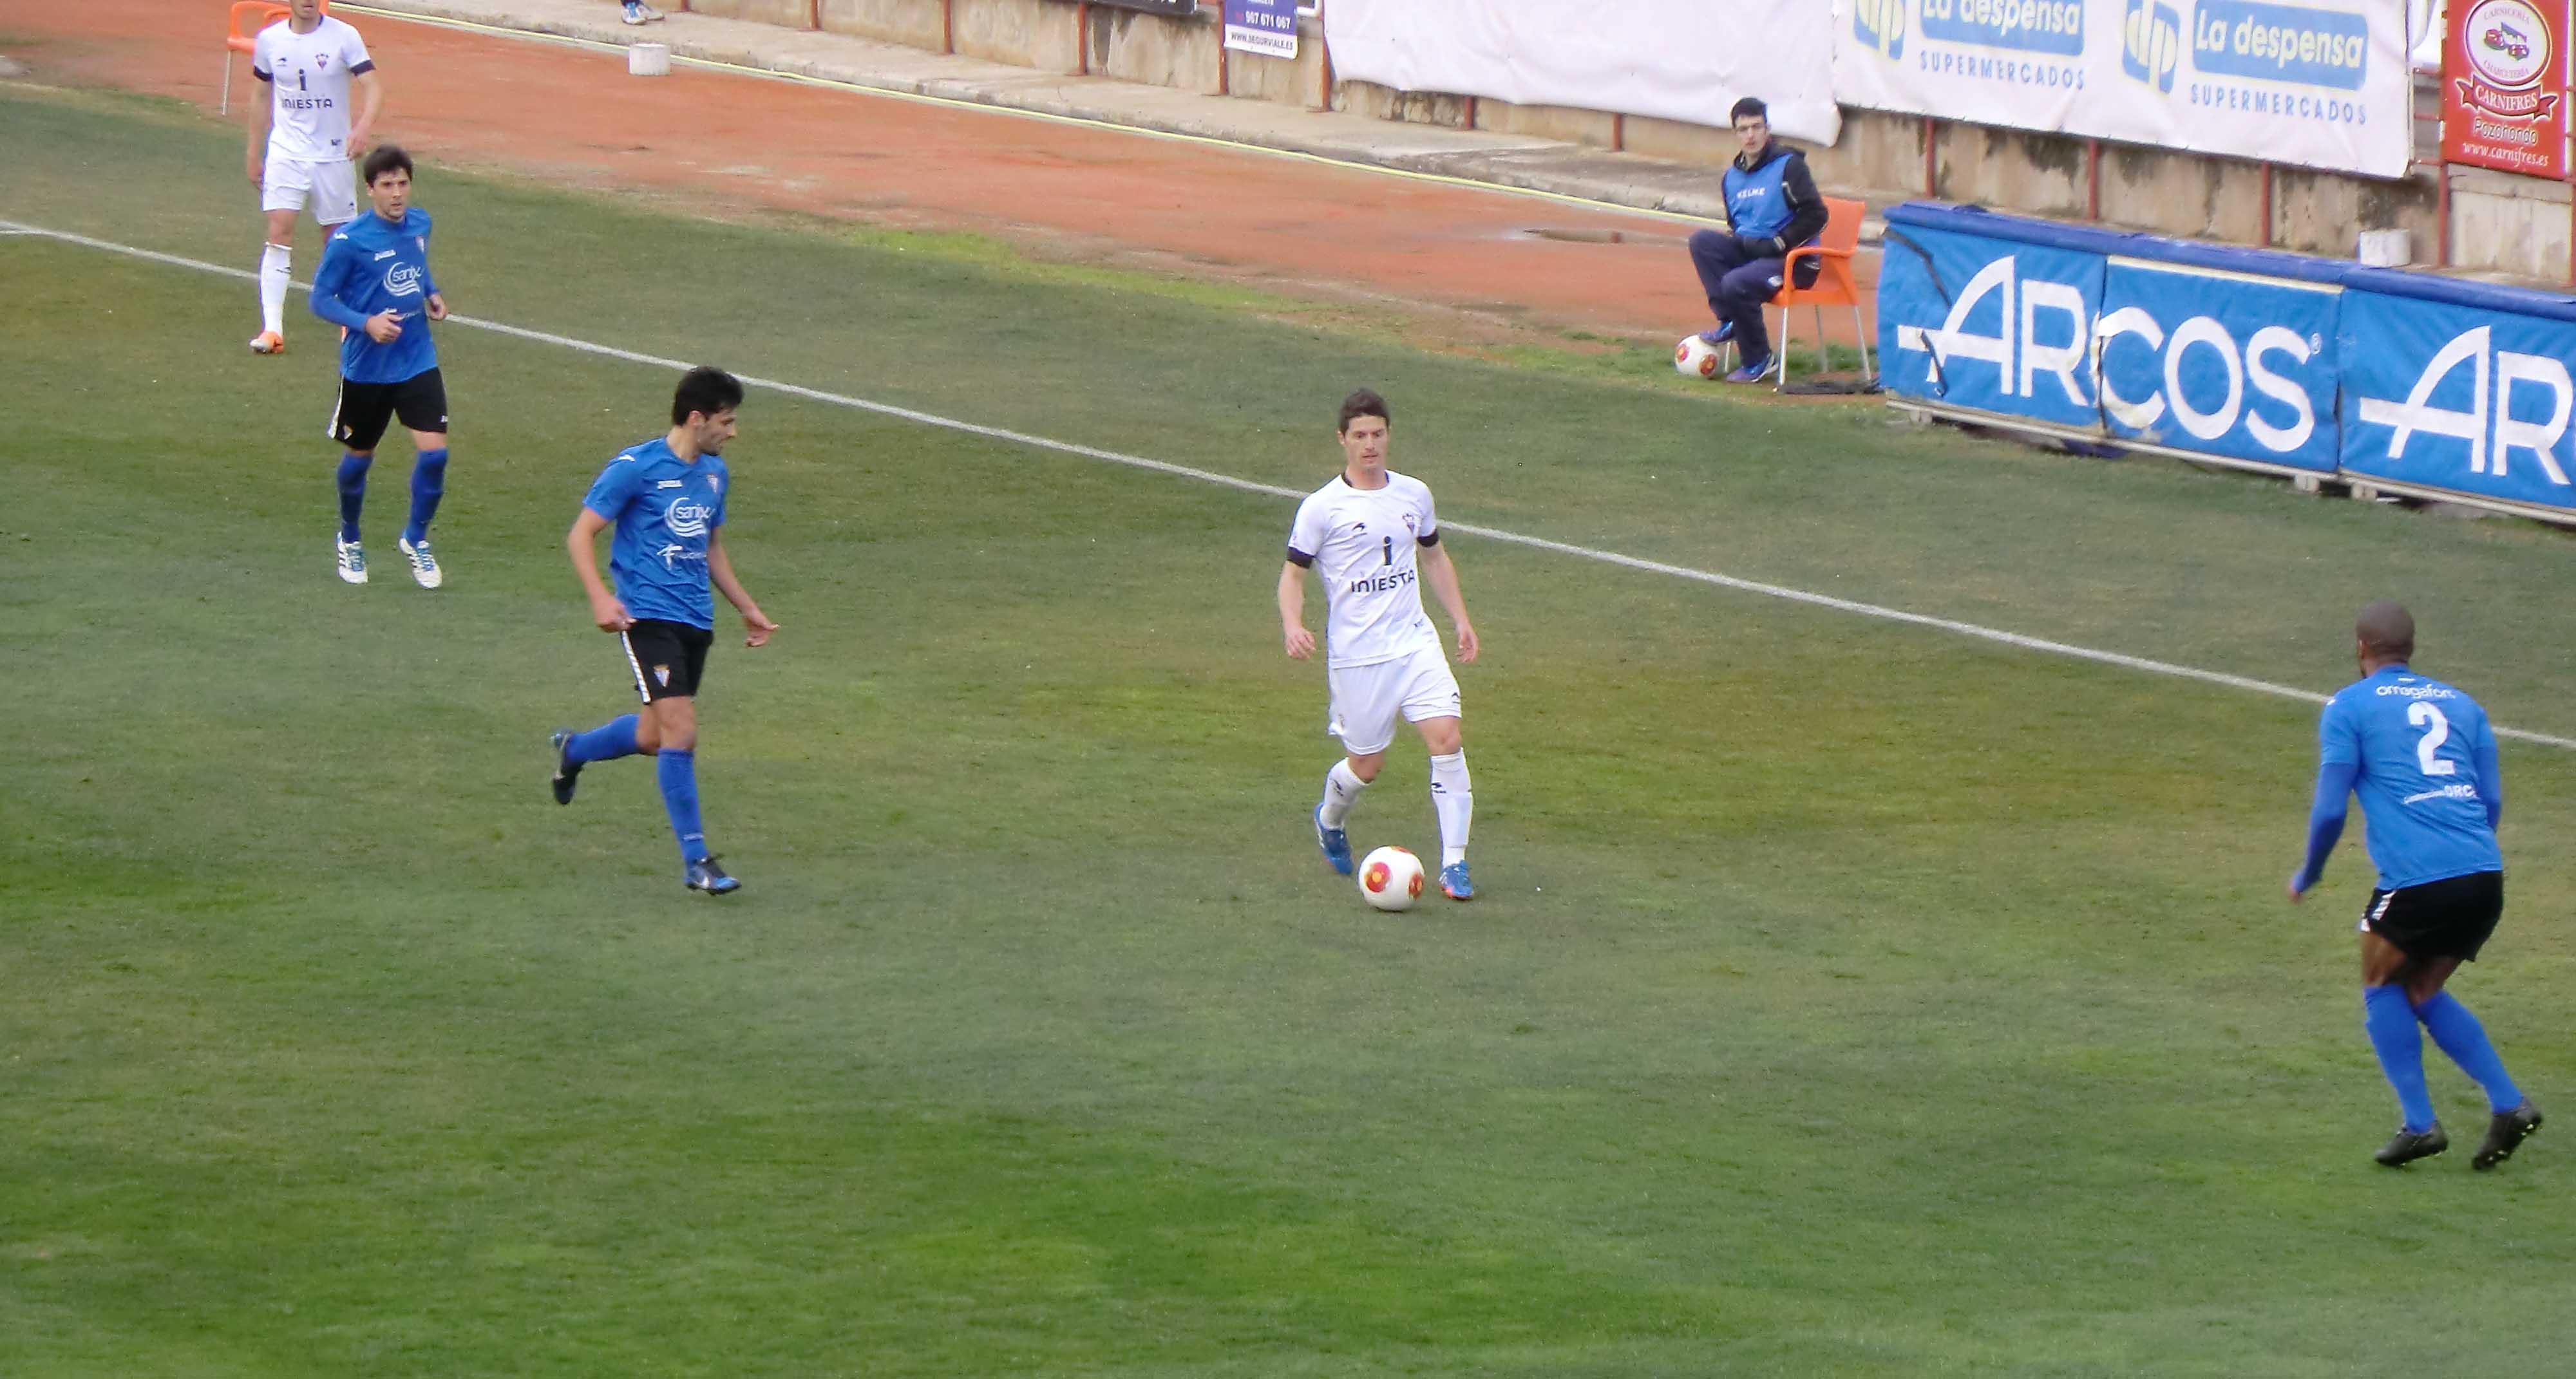 Albacete - San Fernando 4 (Foto: Pilar García)